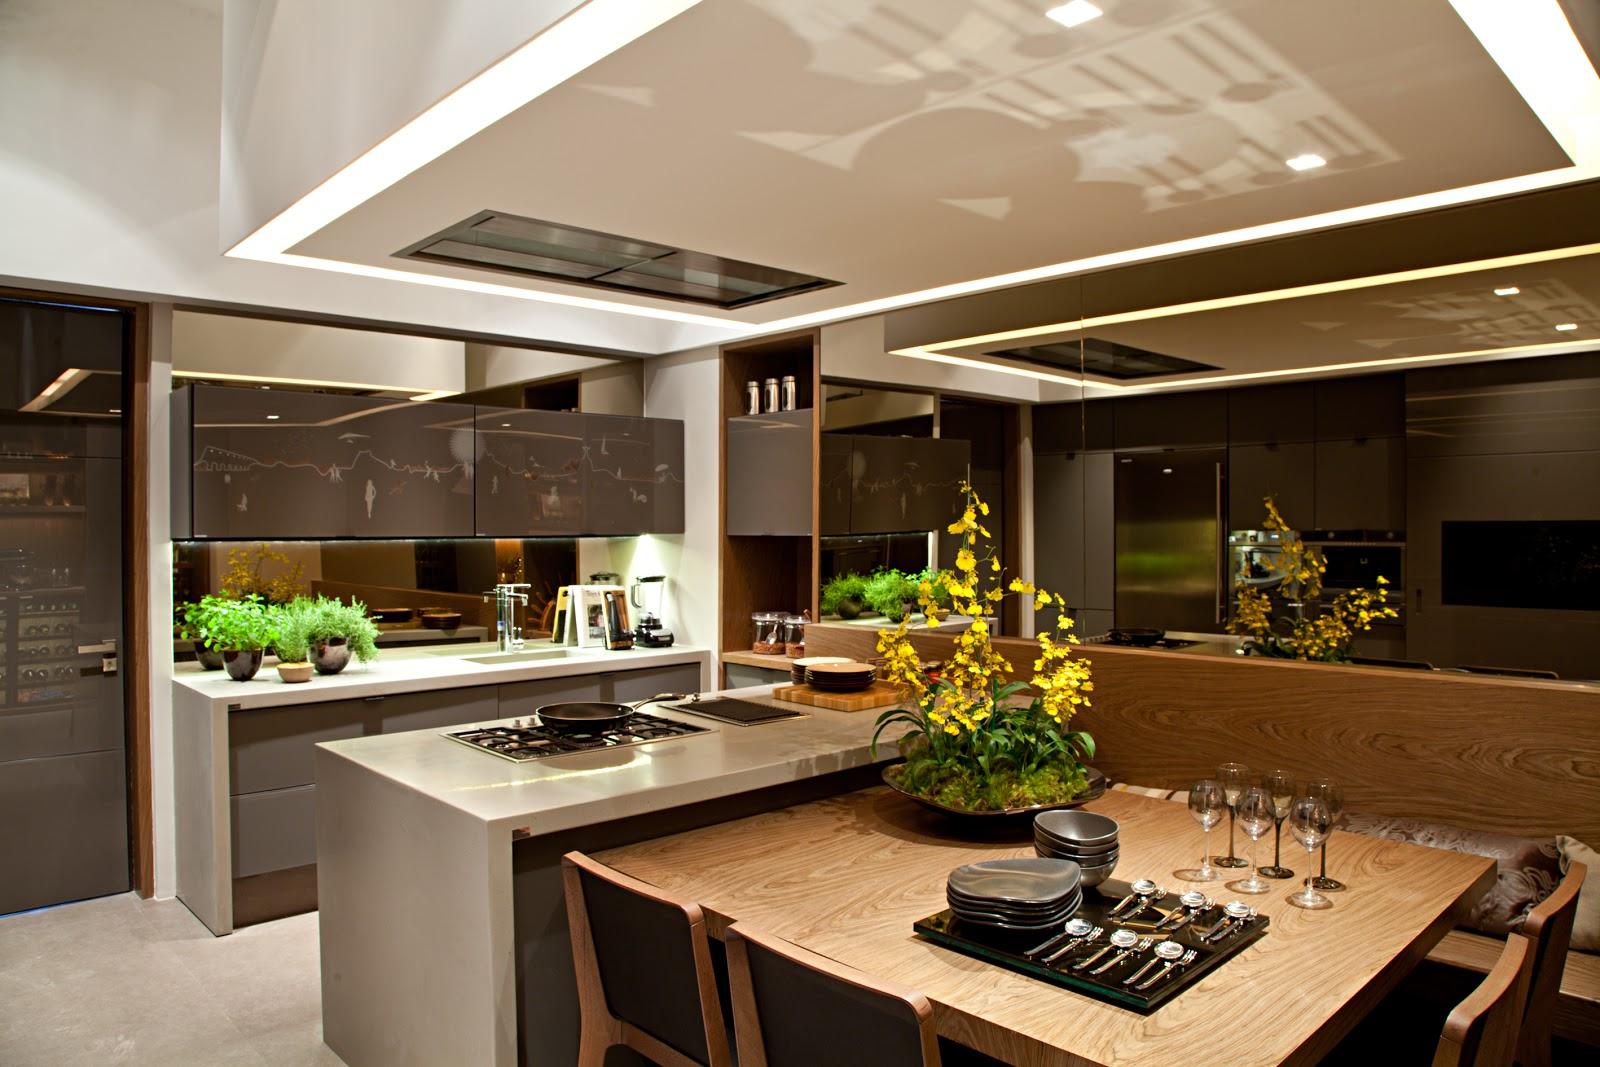 #B8A413 Cozinhas: das modernas às tradicionais Tá Decorado! 1600x1067 px Projeto De Cozinha Com Sala Pequena #2847 imagens